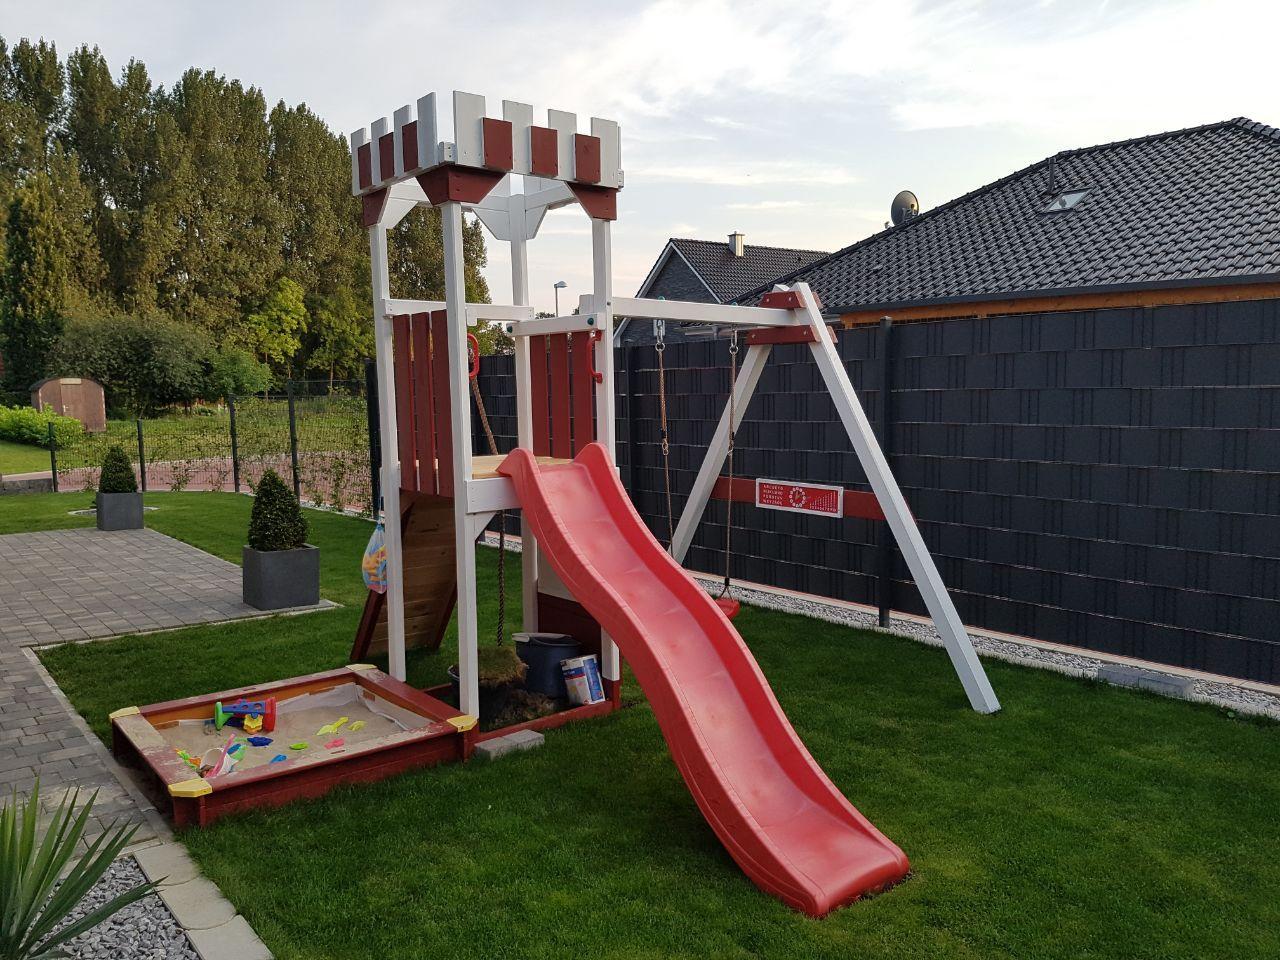 Klettergerüst Mit Rutsche Und Schaukel : Woodinis spielplatz doppelschaukel mit klettergerüst und rutsche